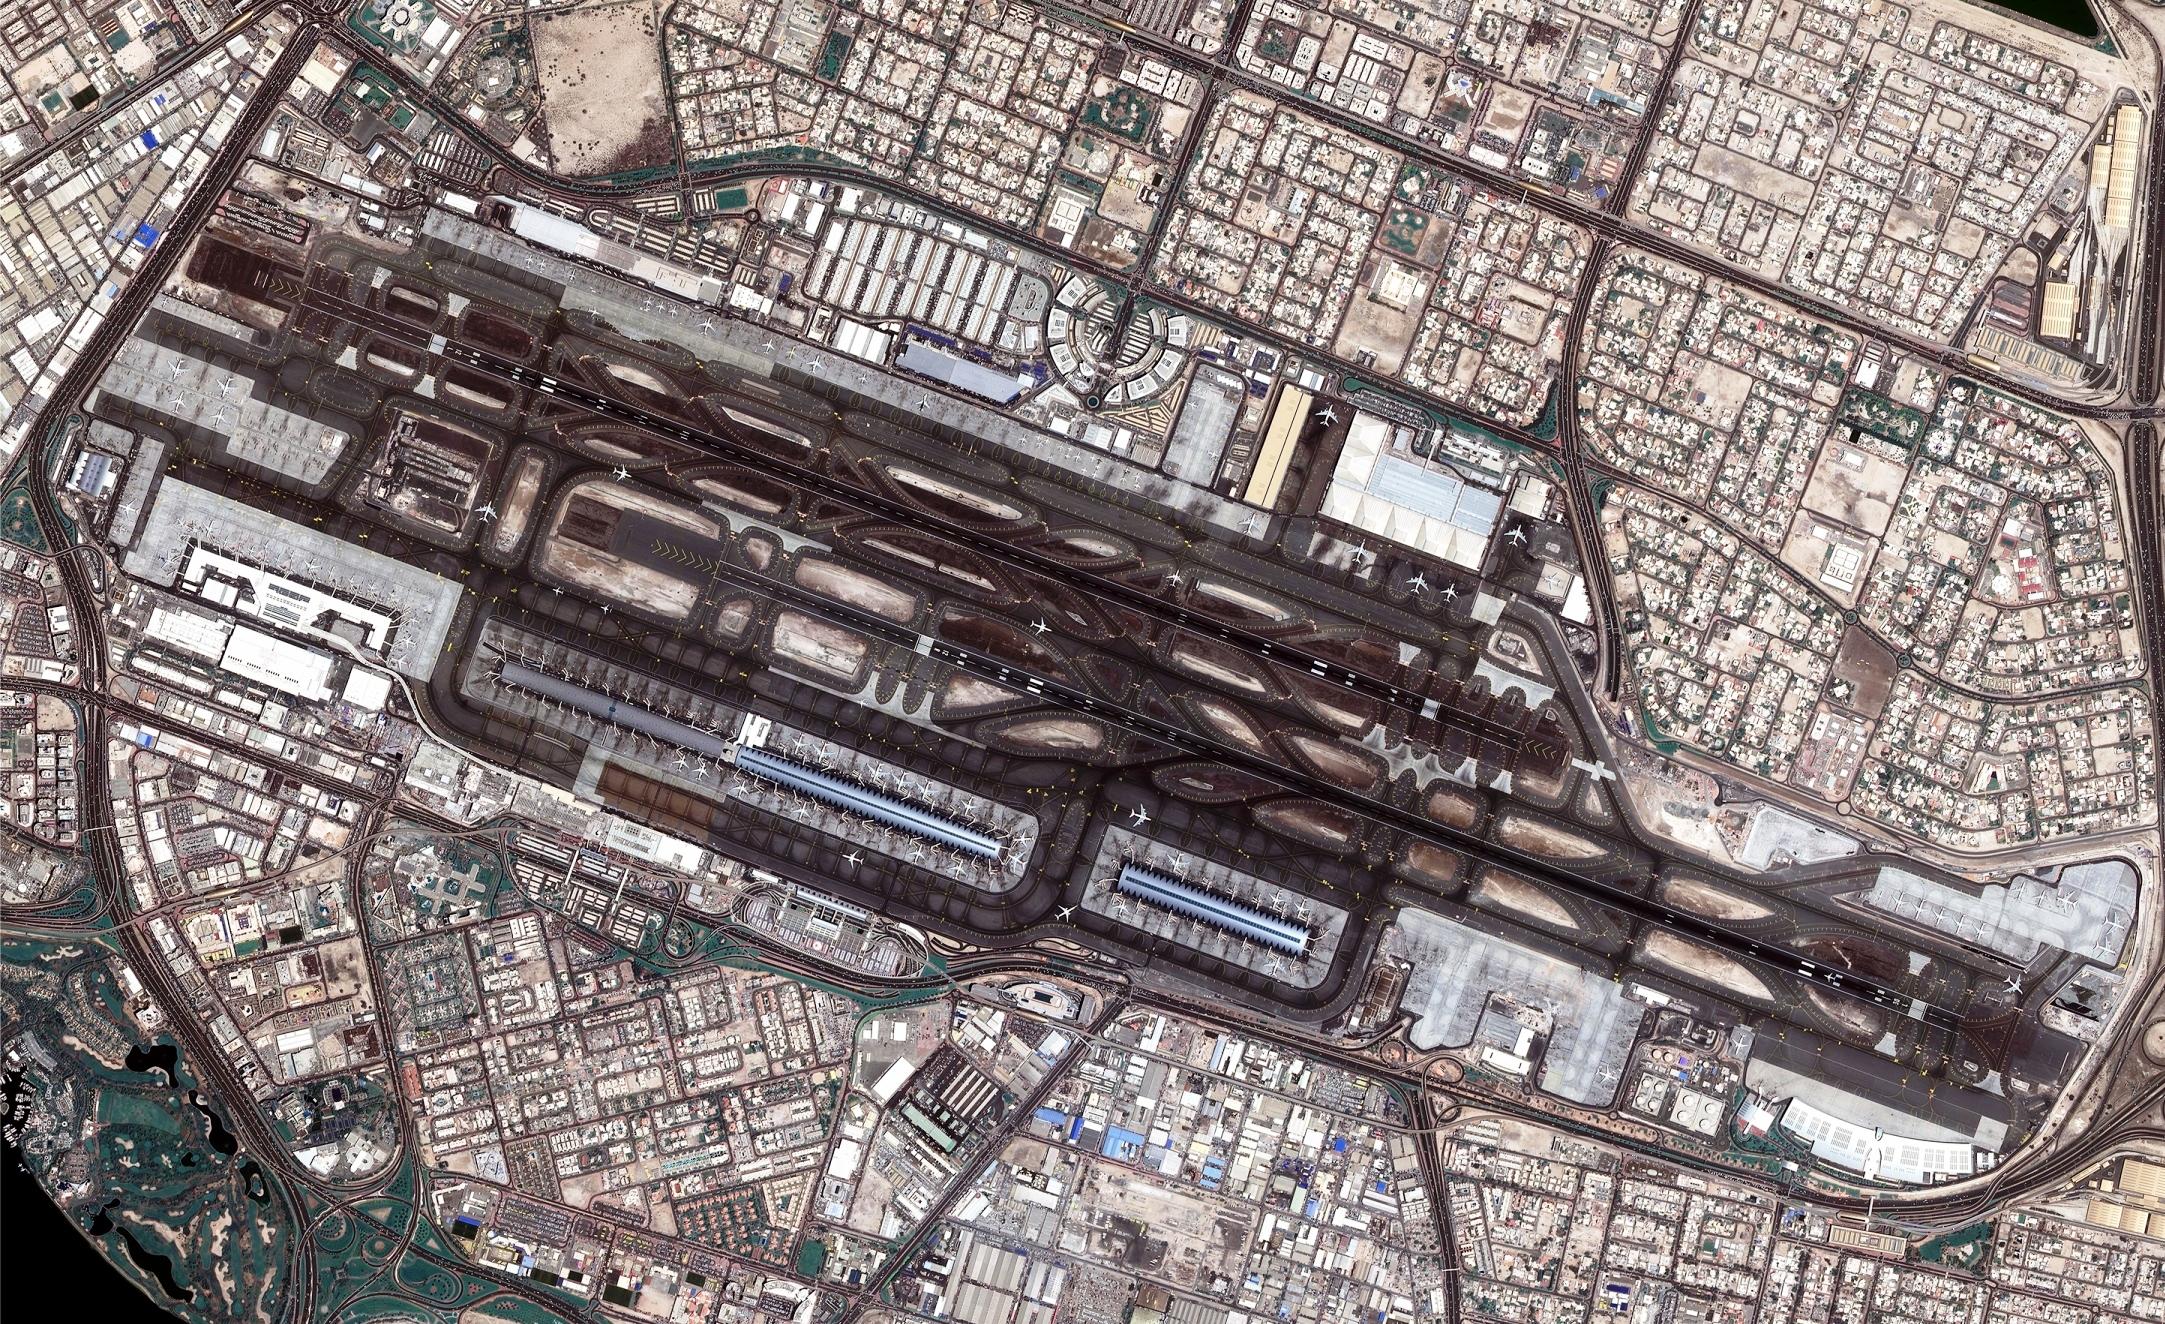 全景を見る:宇宙から見たドバイ国際空港 | Business Wire